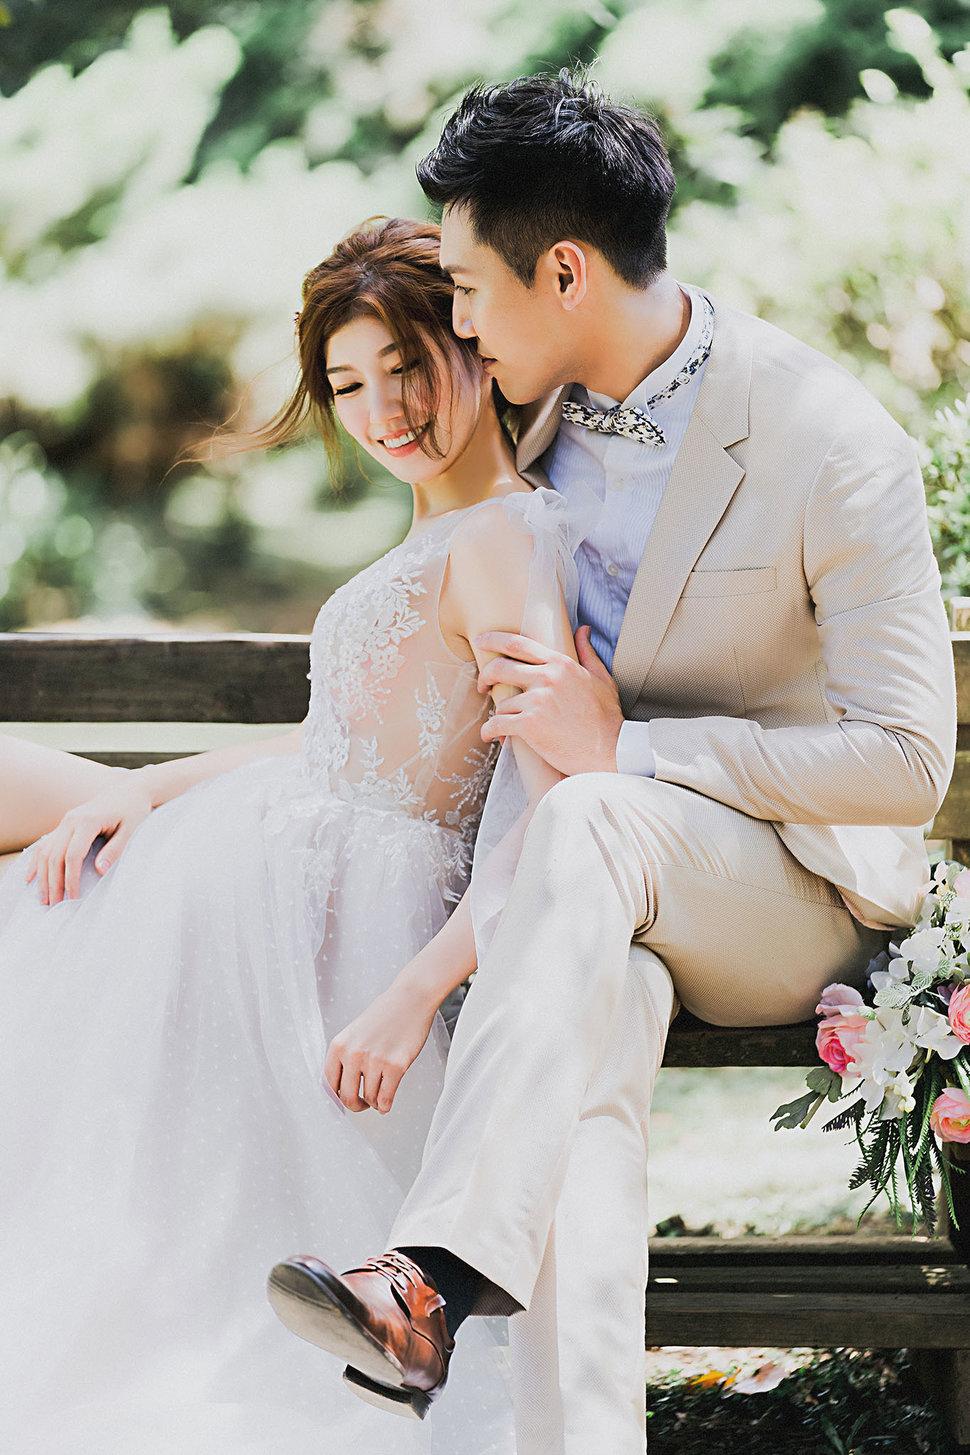 _DB_6714 - Vivi's Studio 新娘秘書《結婚吧》